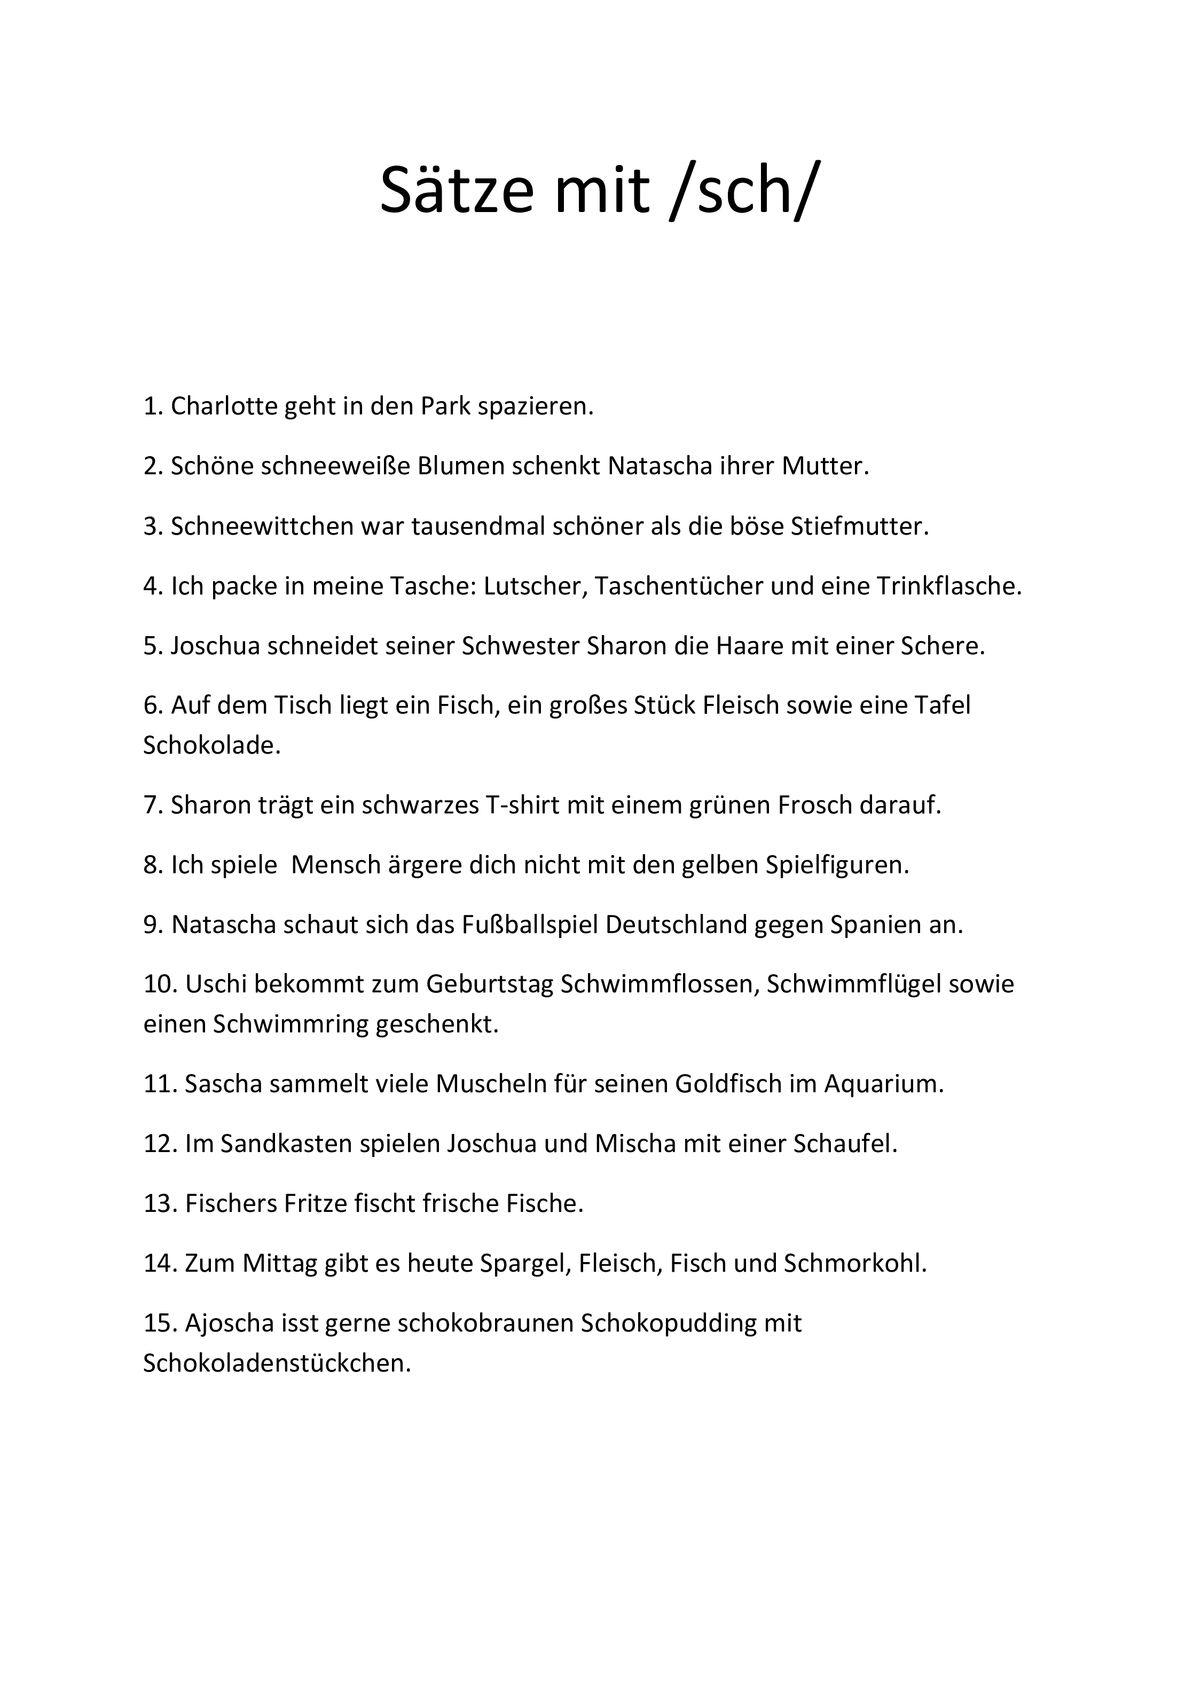 Sammlungen mit Schetismus-Sätze - Dyslalie - madoo.net